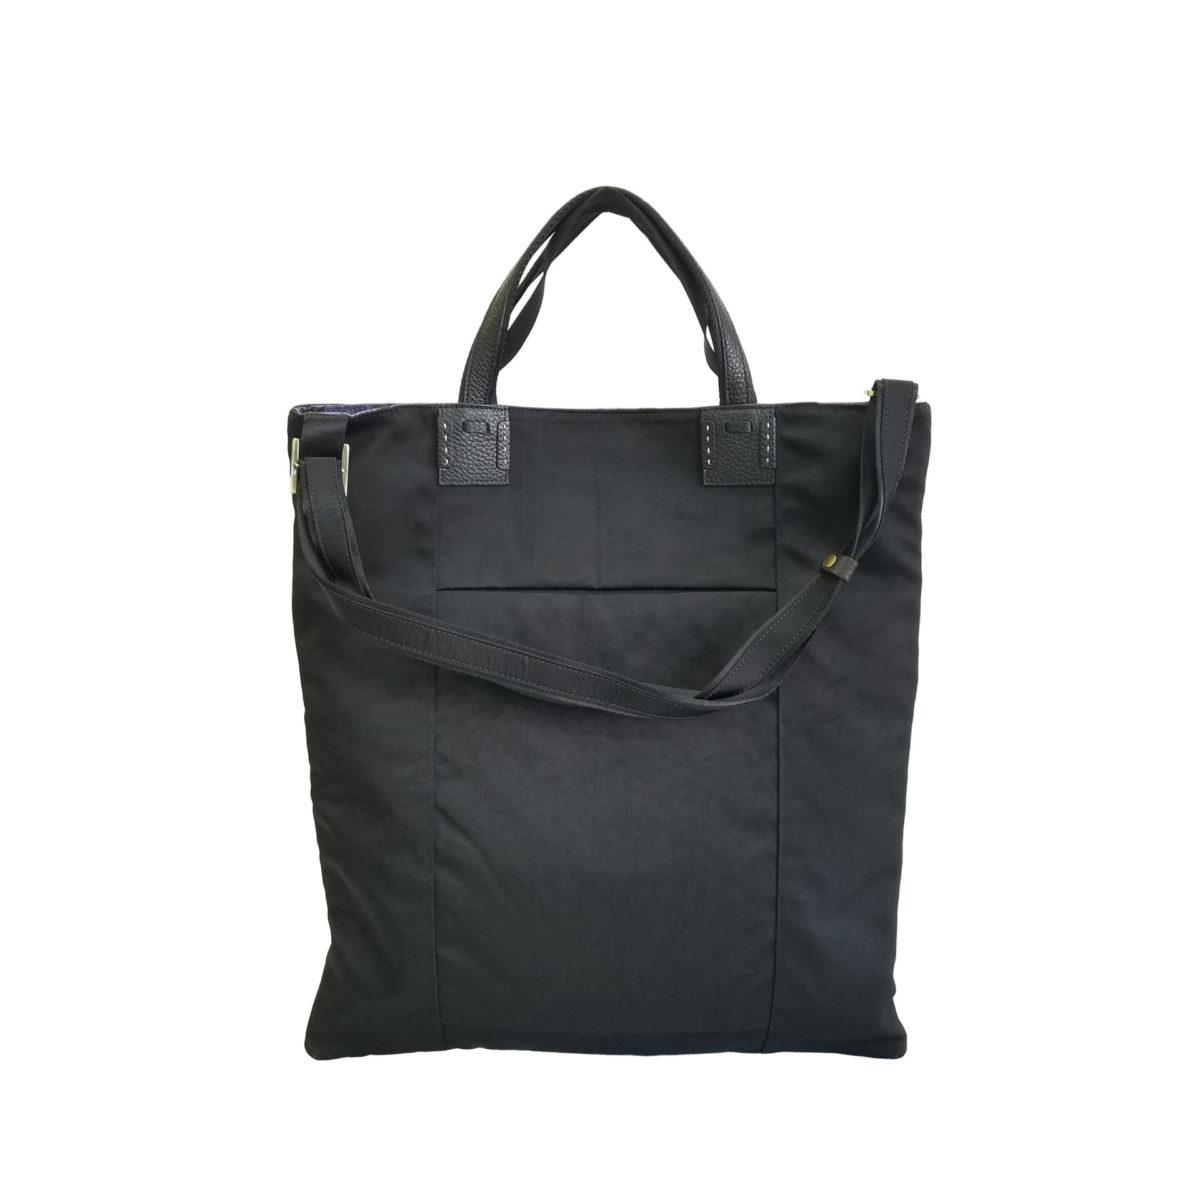 京都限定のELISIR caede KYOTO | エリシアカエデ京都のバッグシリーズ WRINKLE CERBERUS 3